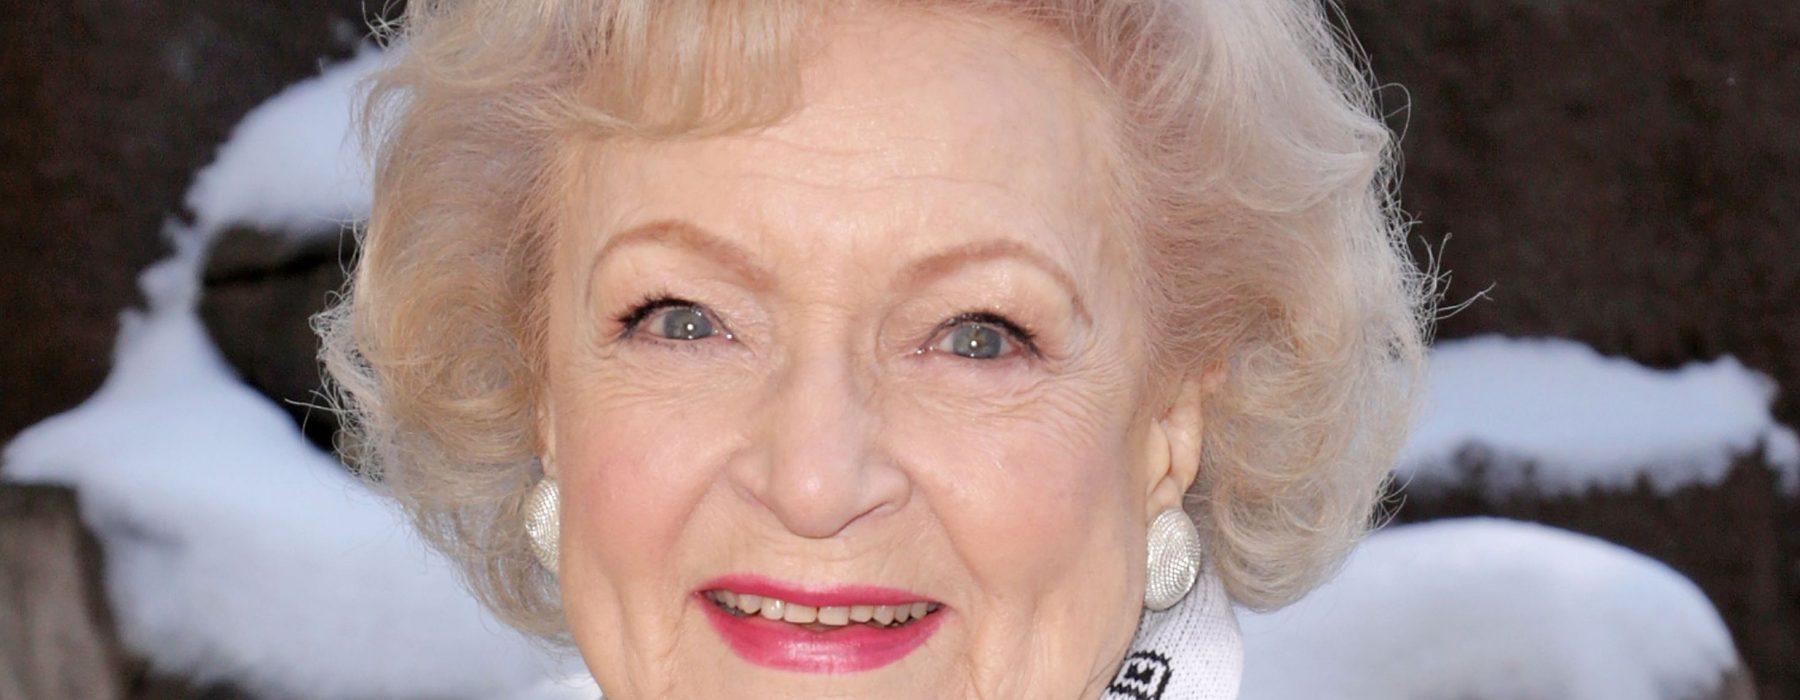 Recepti Beti Vajt za dug i srećan život, jer – 97 joj je godina tek!